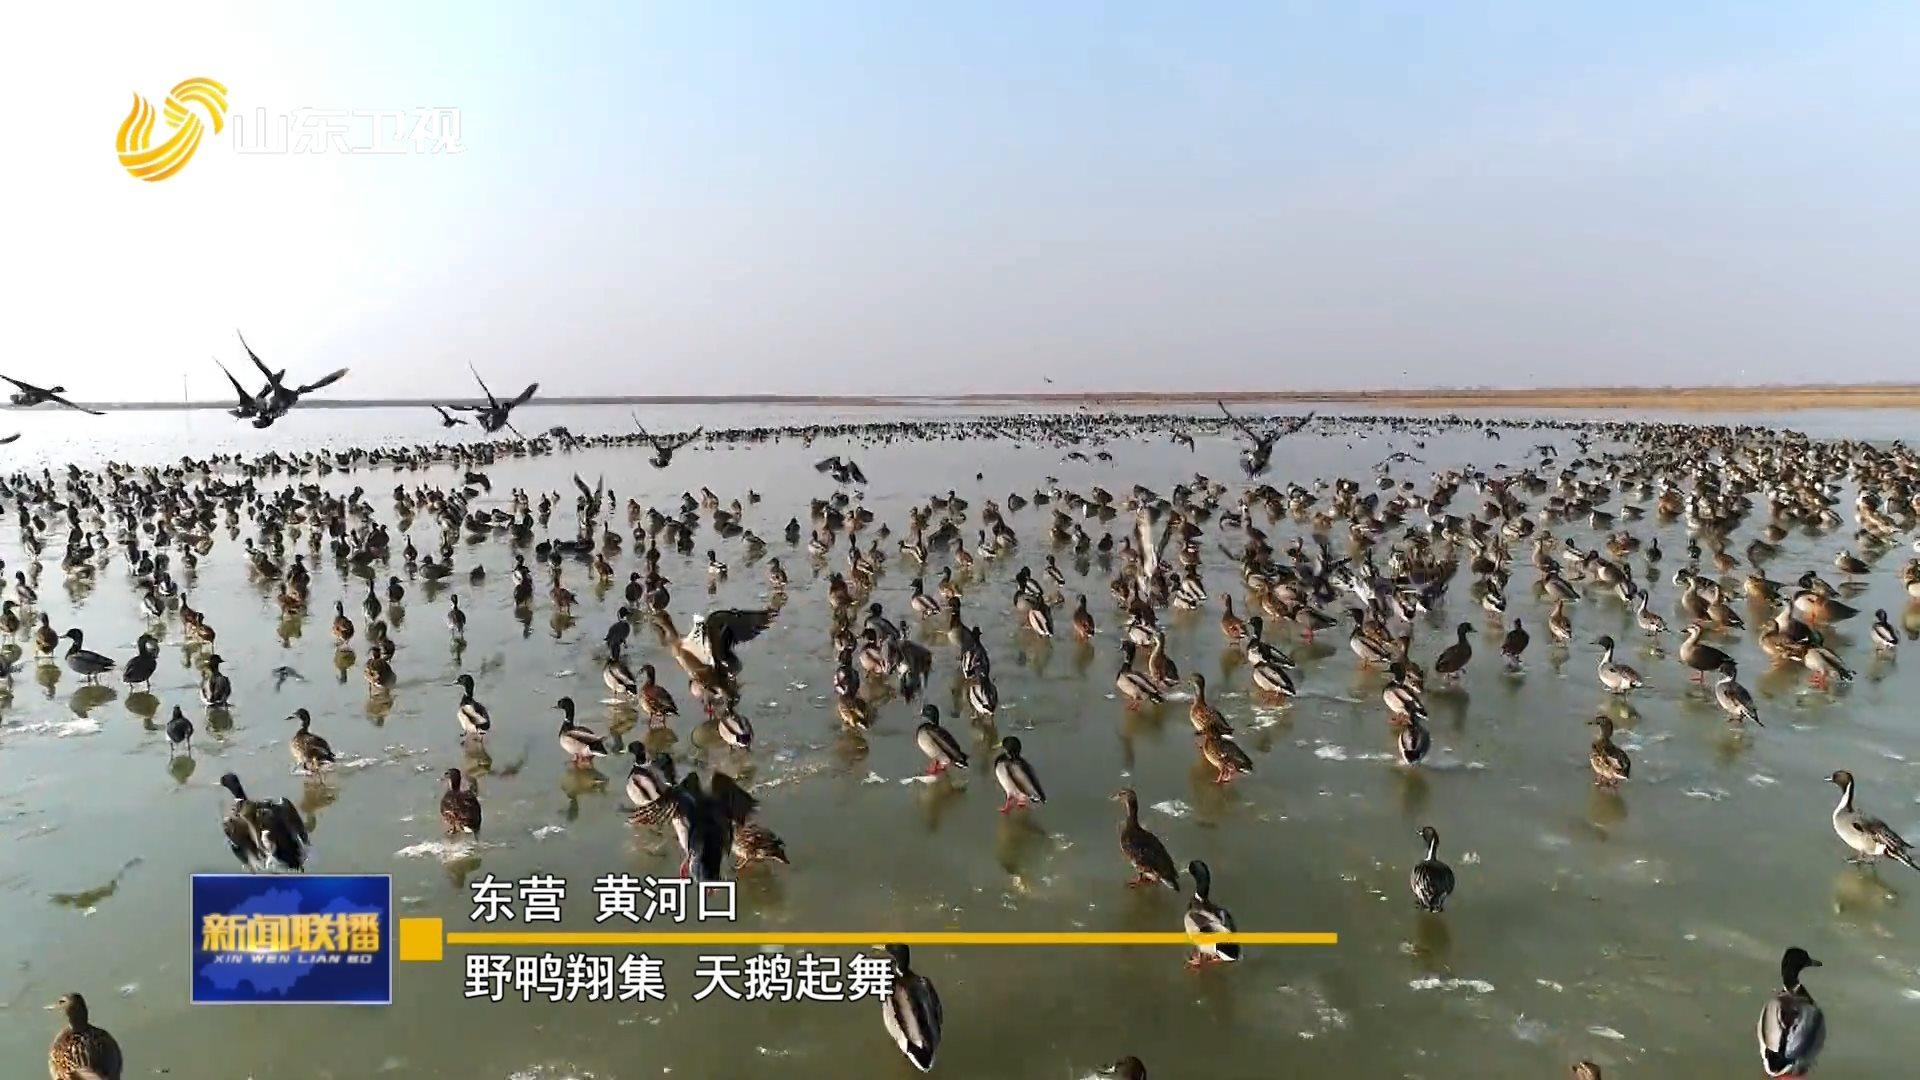 群鸟嬉戏 绘就冬日画卷